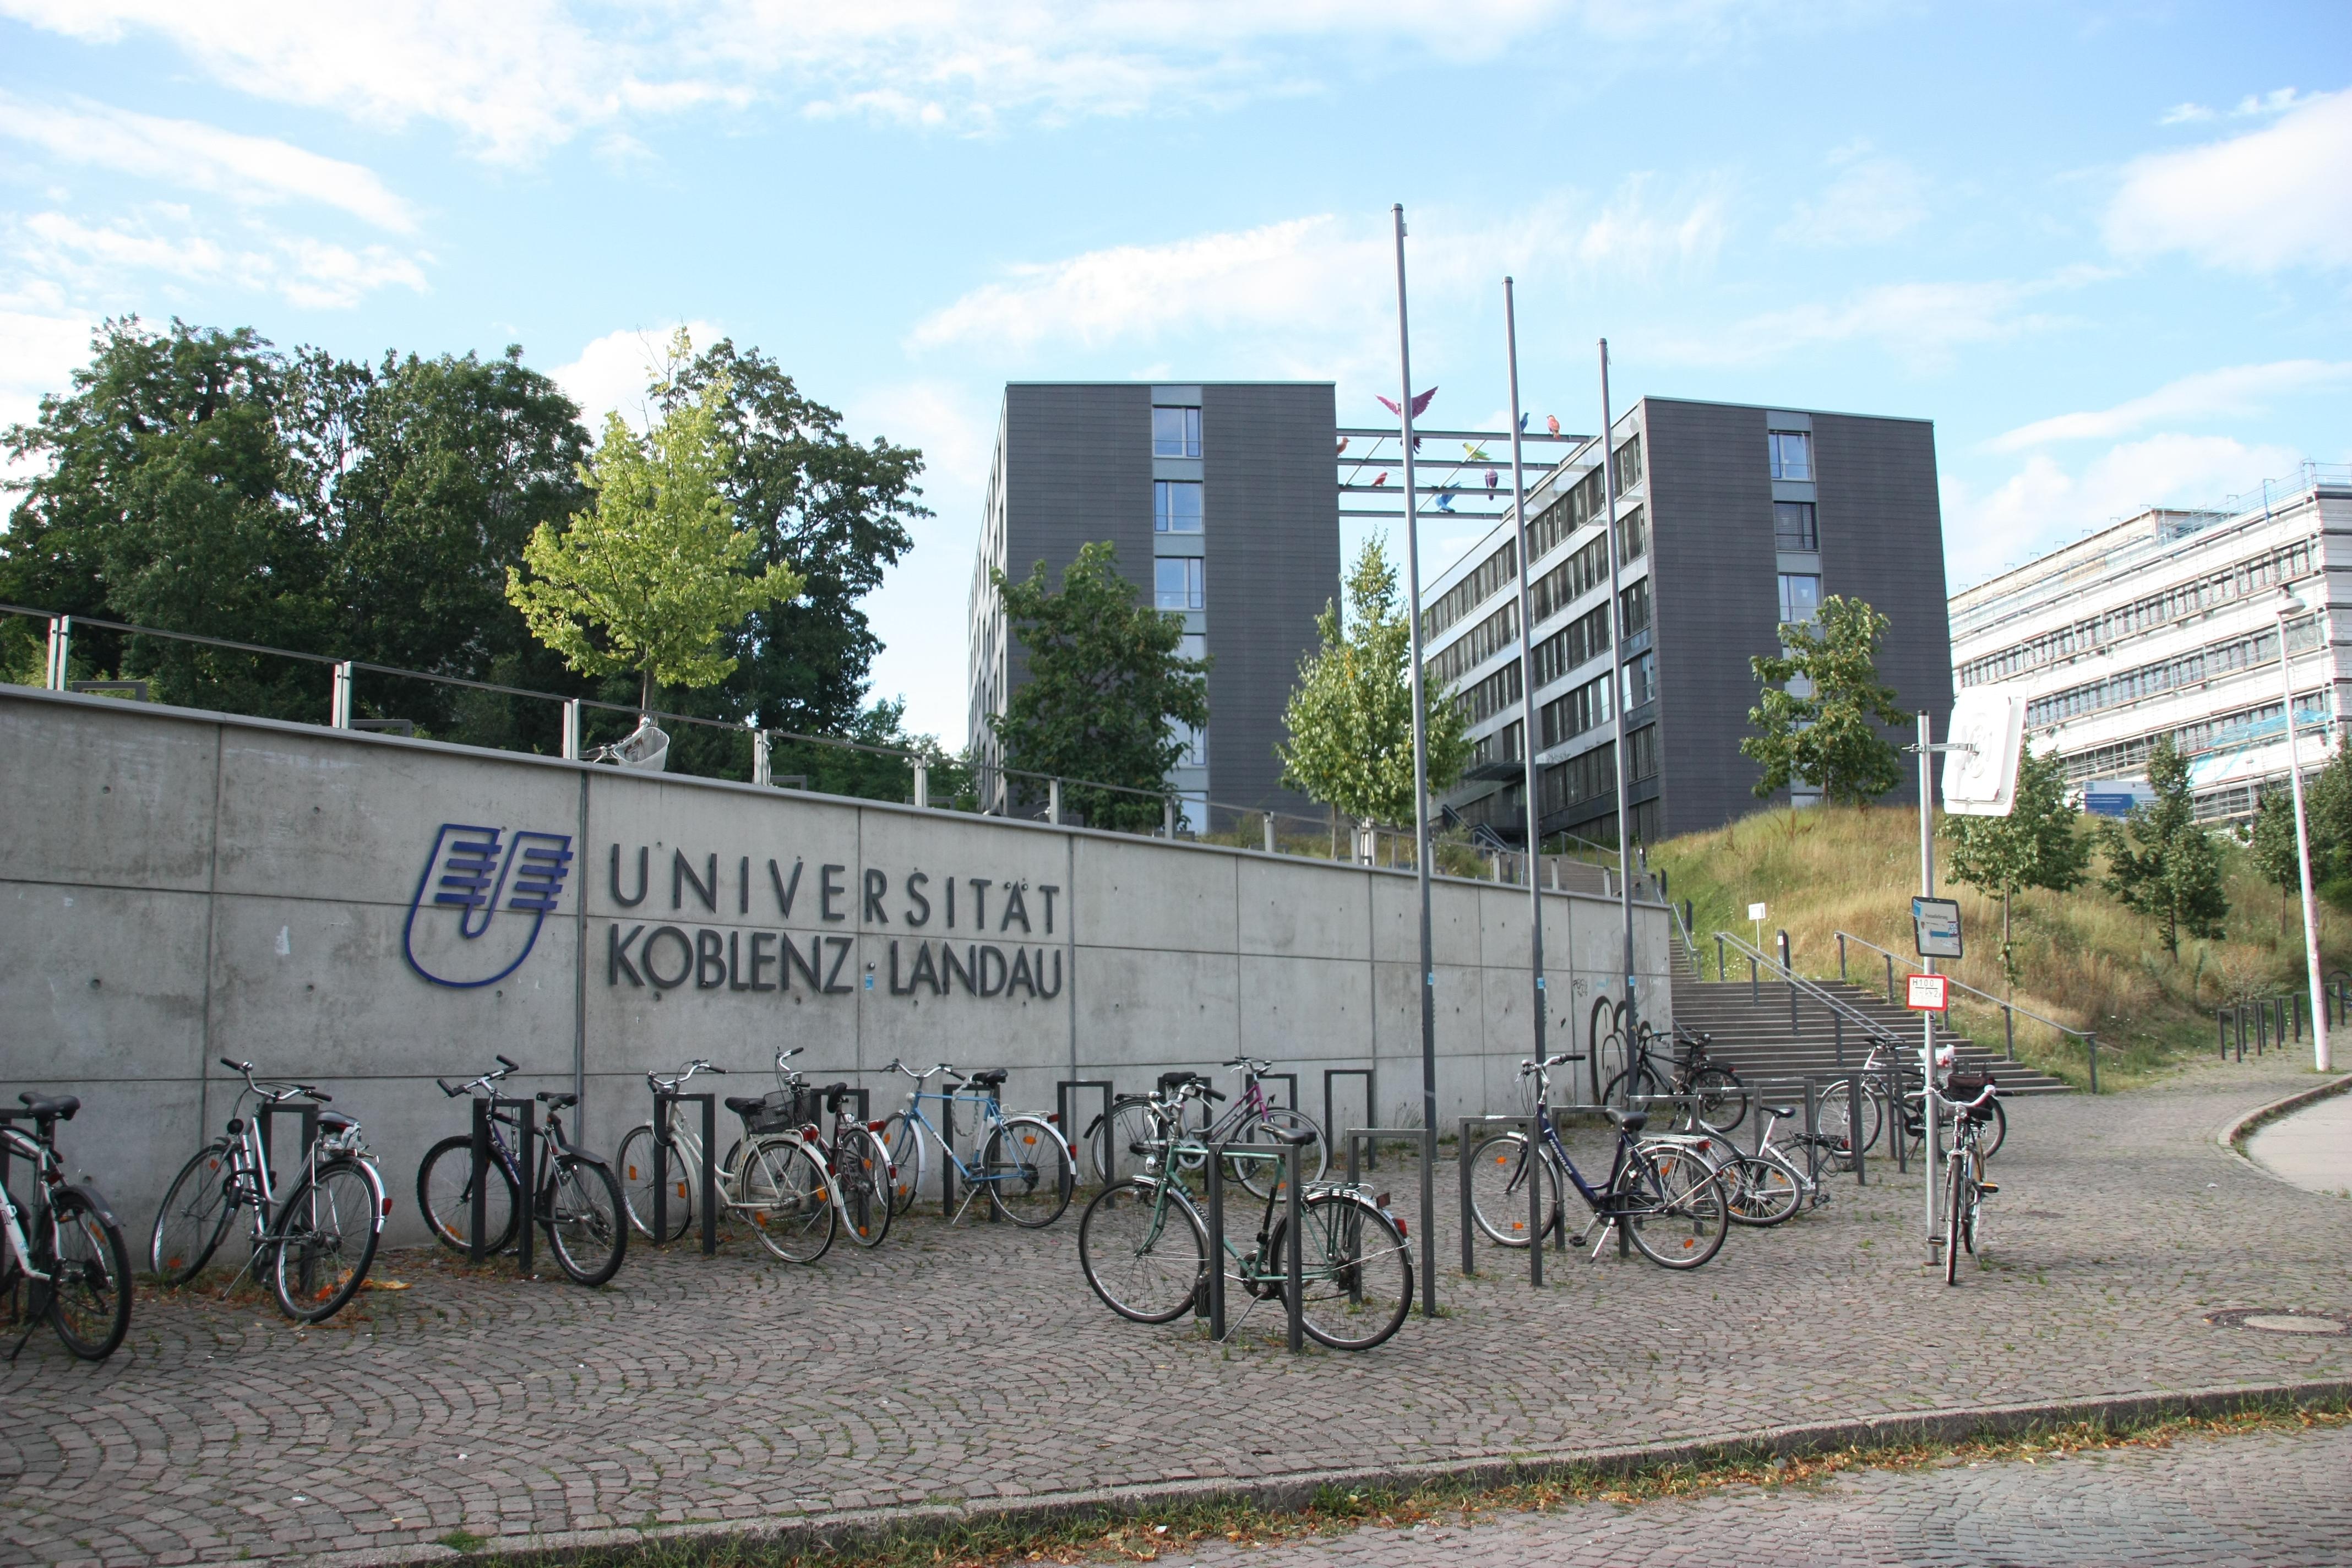 Universität Koblenz-Landau, Campus Landau, Bildrechte Rainer Winters